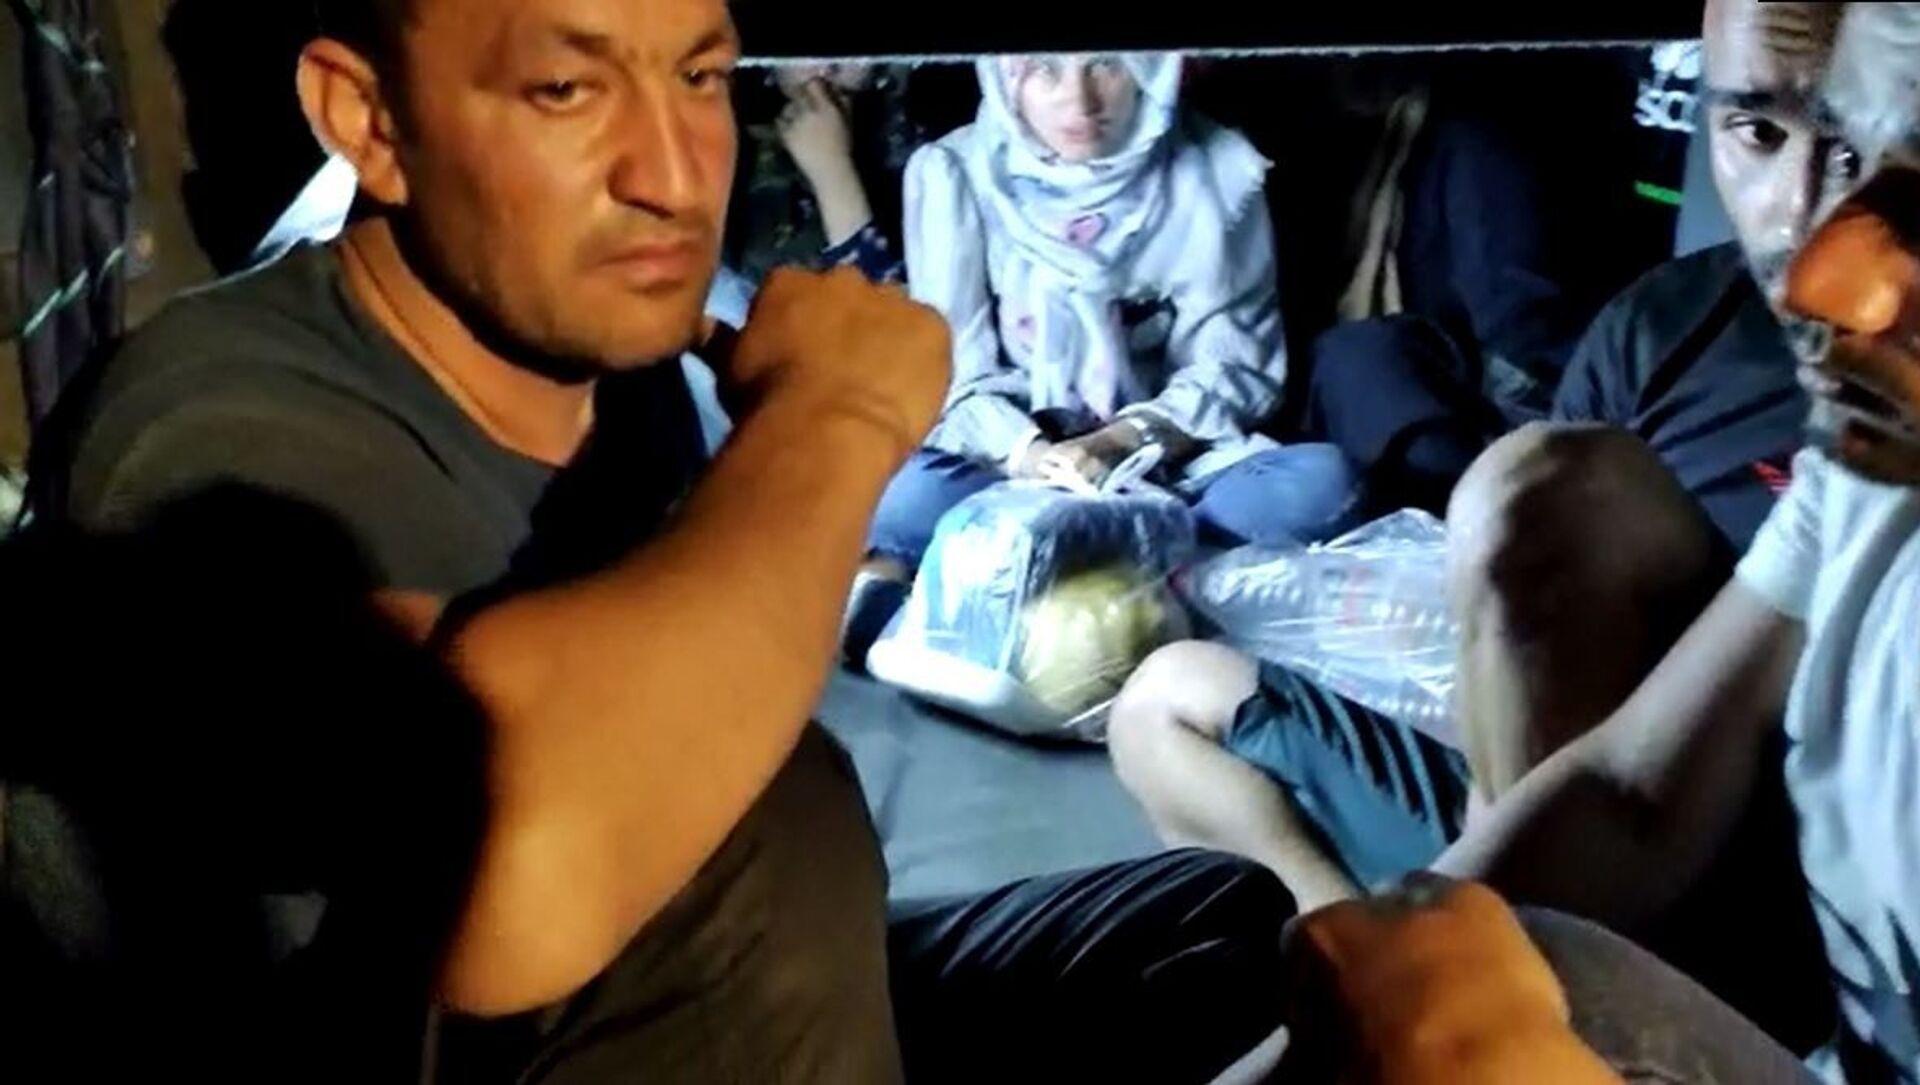 Gaziantep'te otoyolda mola veren bir otobüste arama yapan jandarma ekipleri 11 Afganistan uyruklu sığınmacıları otobüsün bagajında yakaladı. - Sputnik Türkiye, 1920, 23.07.2021